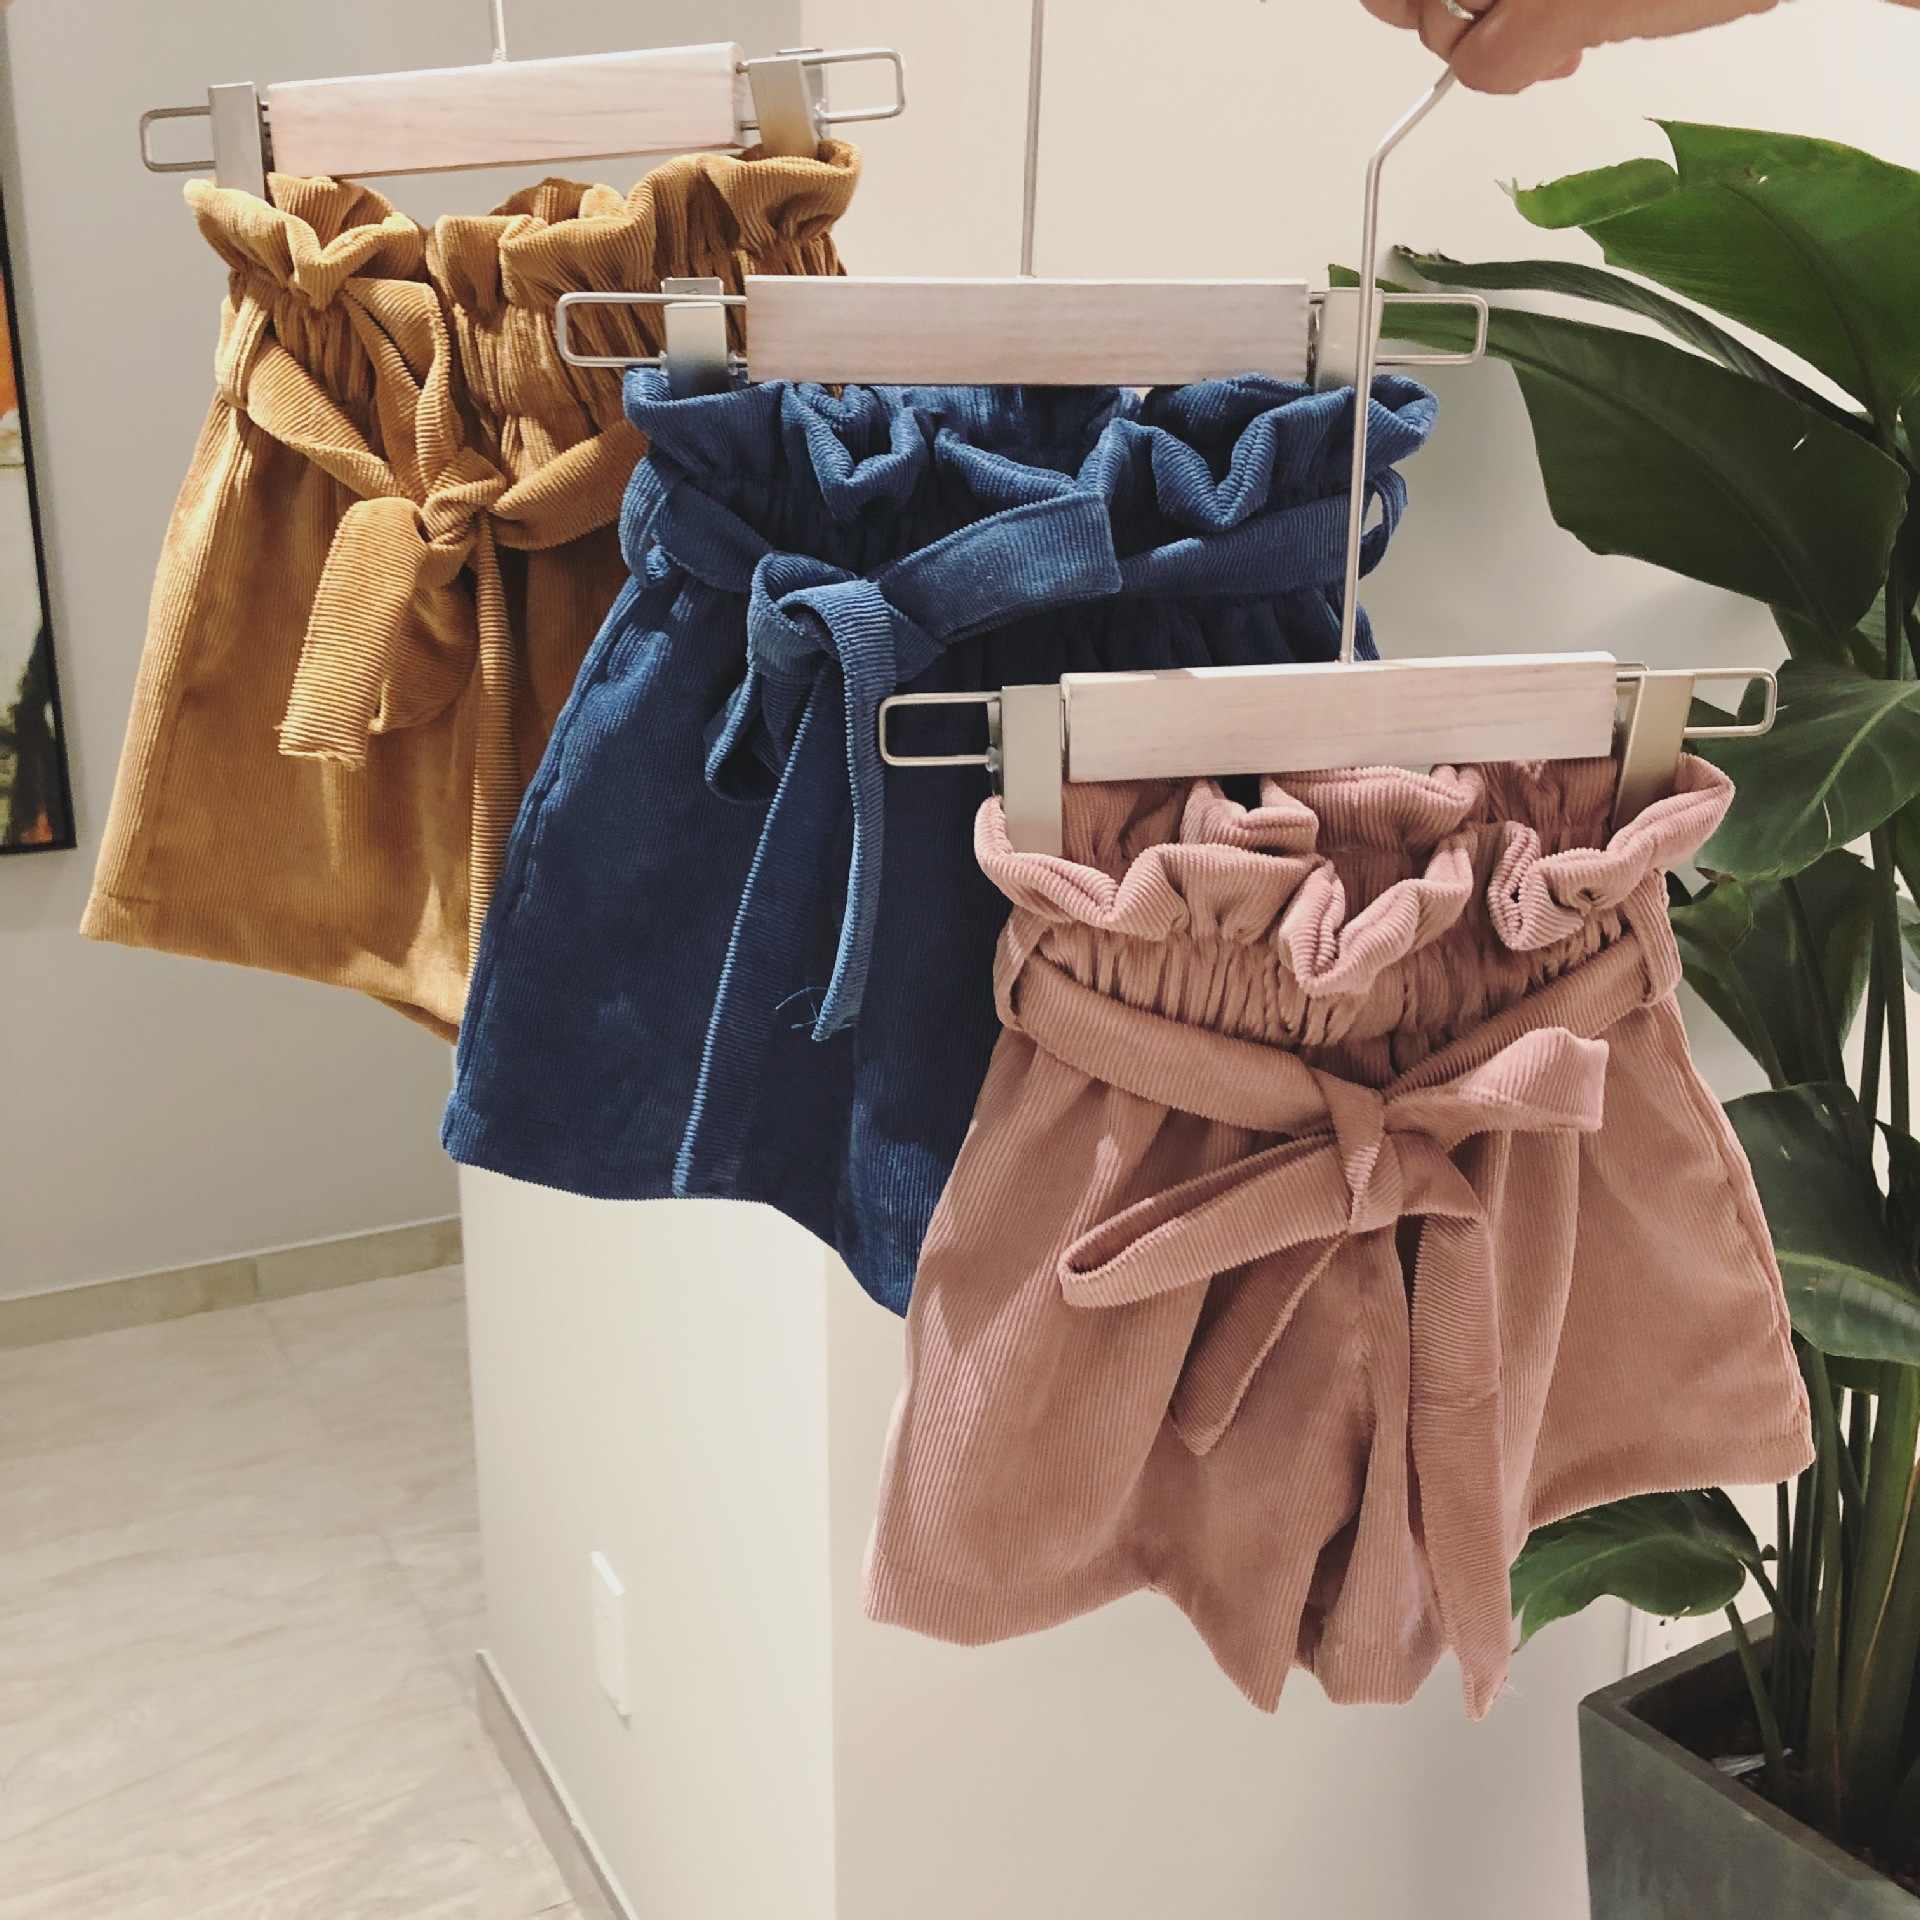 Wiosna jesień dziecko dziewczyna spodenki nowe cukierki kolorowe dla dzieci dziewczyna uchwyt spodenki spódnica dziecko wysoka talia duże PP spodnie maluch dziewczyna krótki